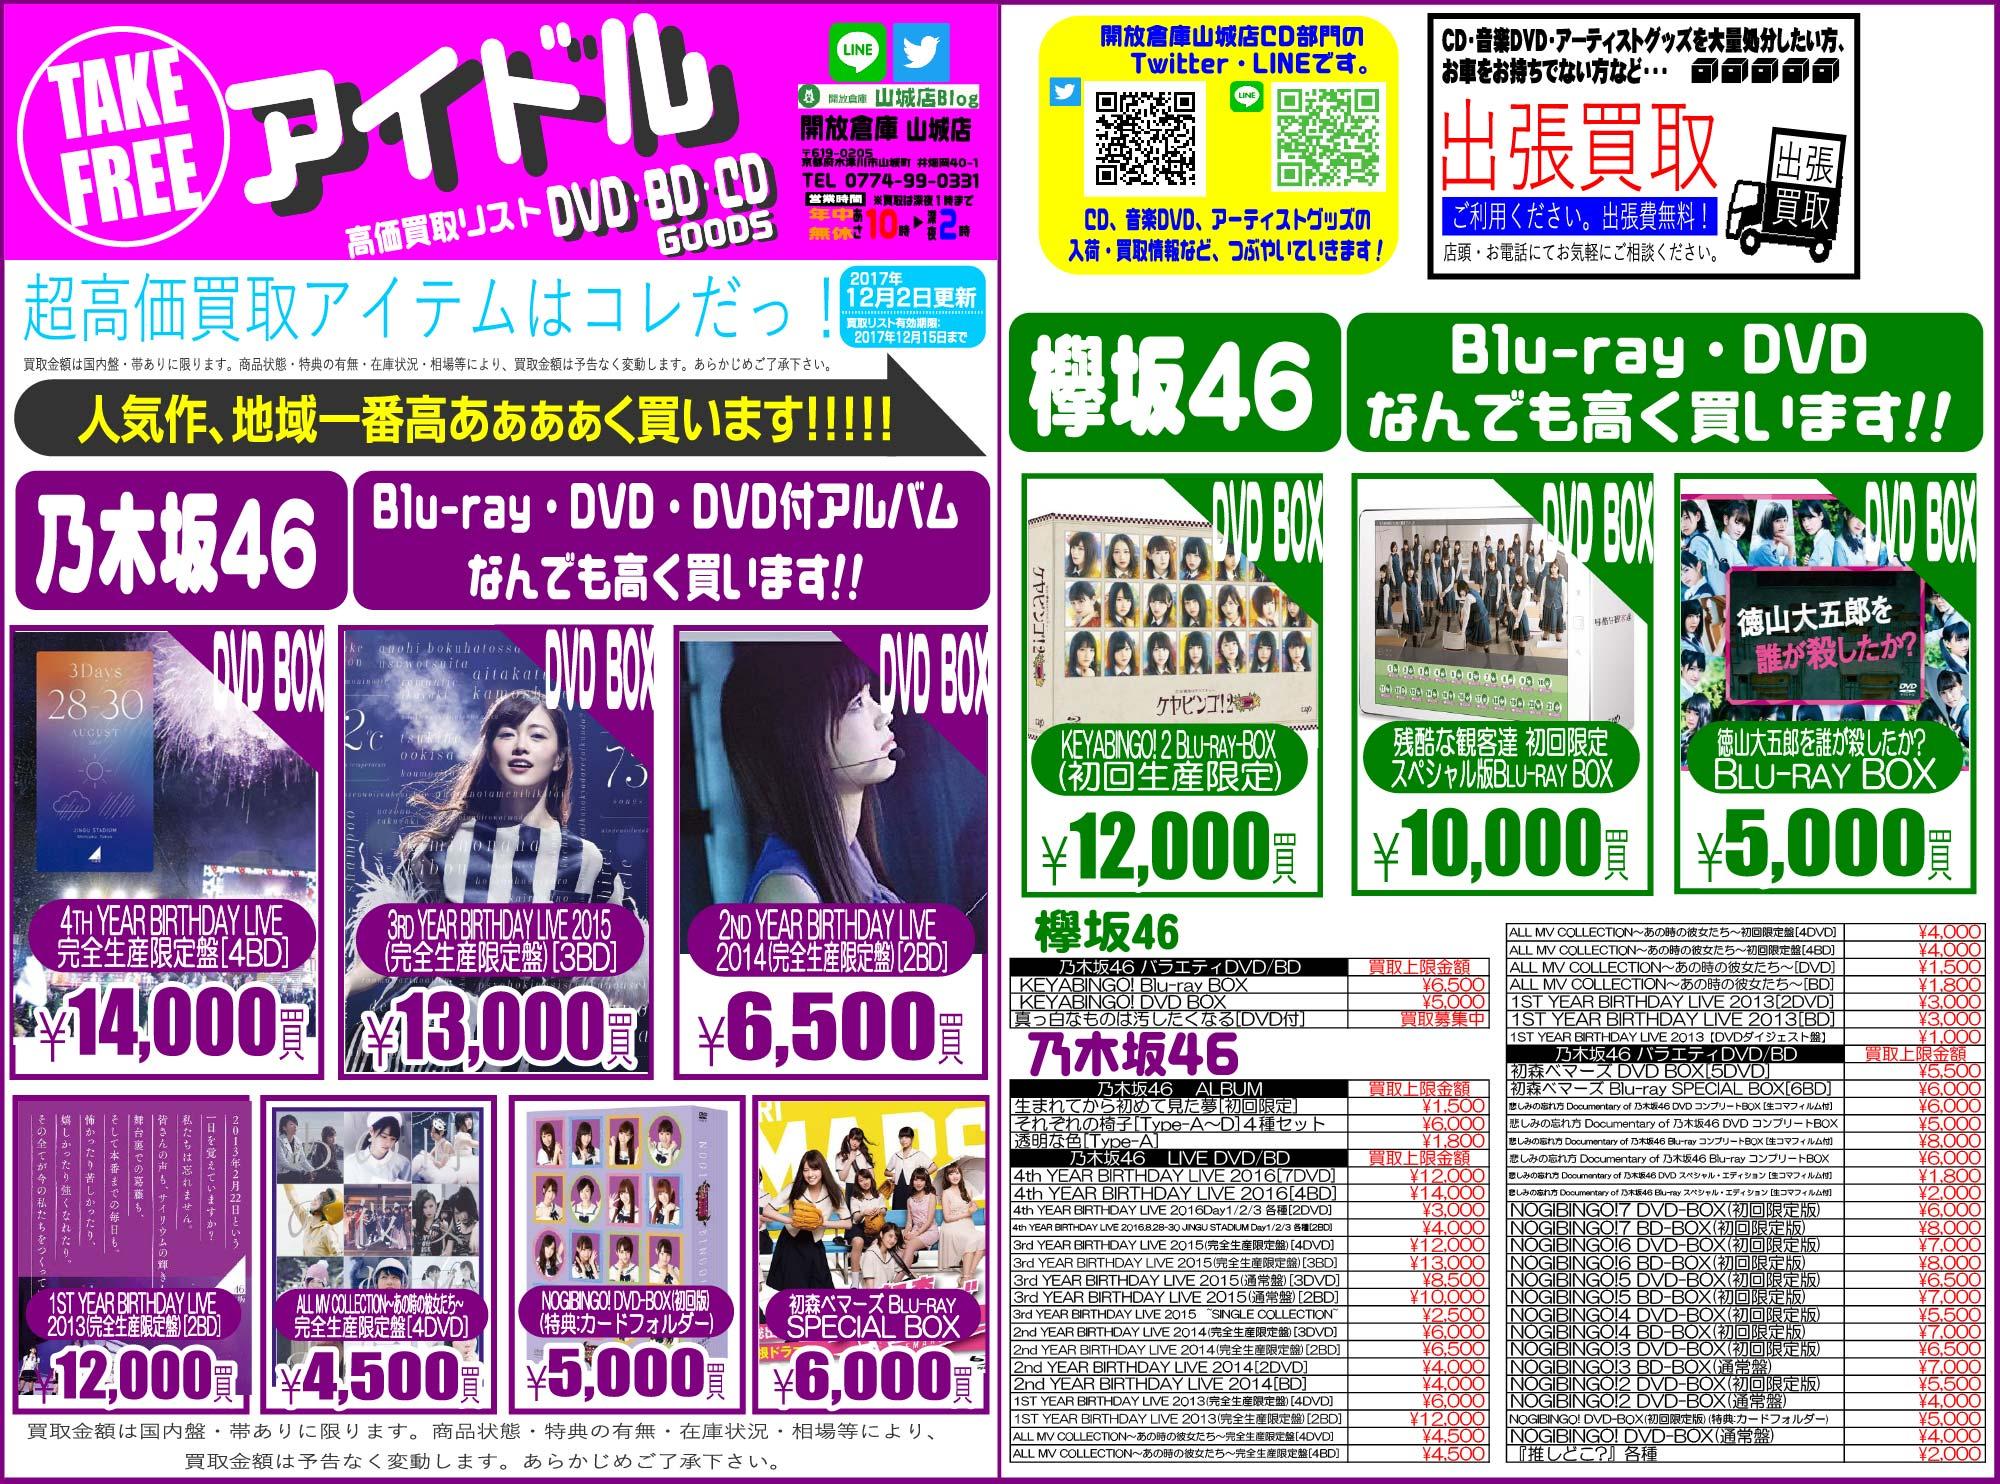 「開放倉庫山城店」アイドルDVD・BD・CD・GOODS<超高価買取アイテムの買取表>12月2日更新しました!!